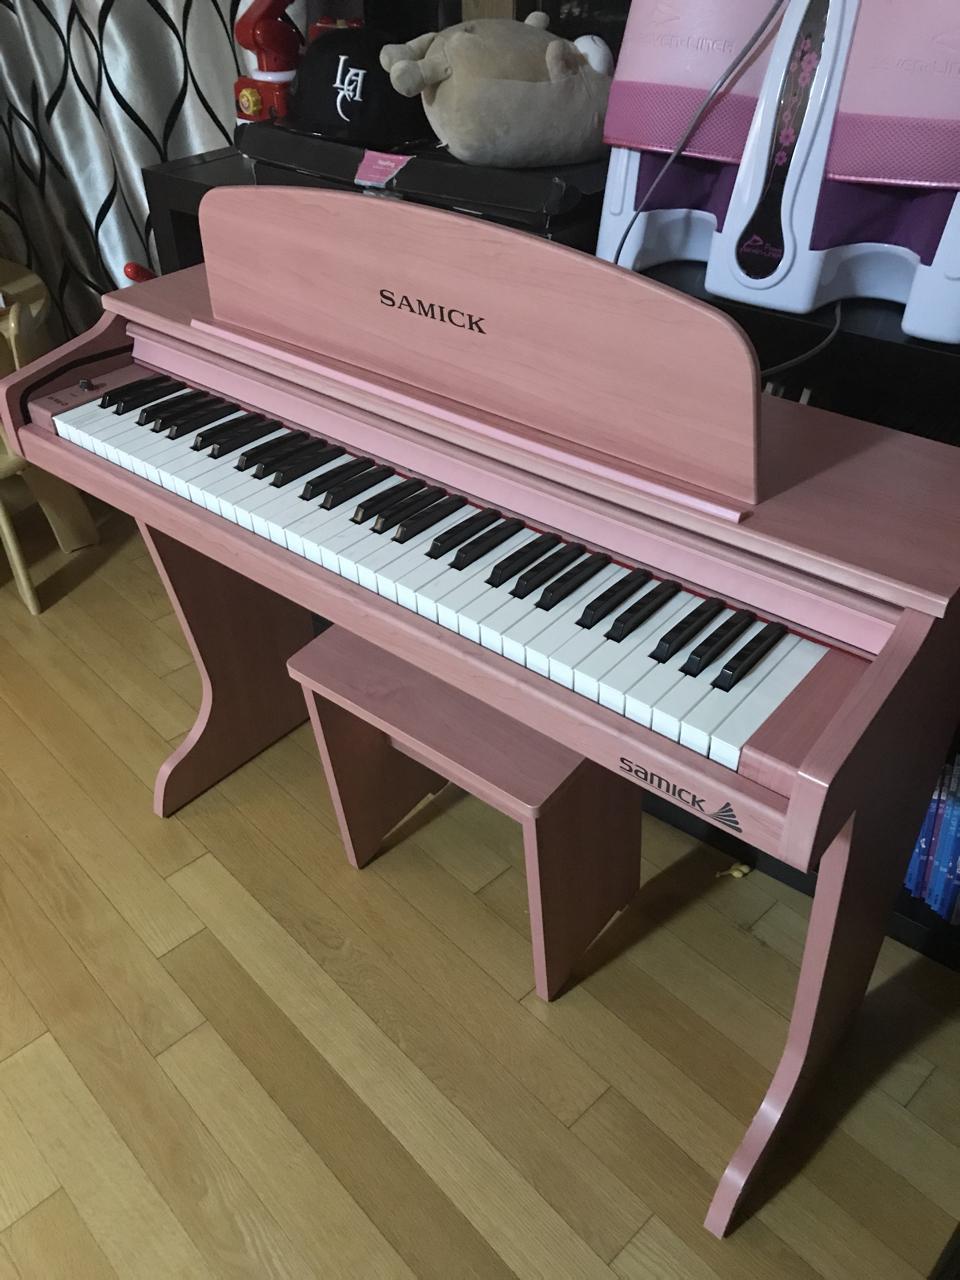 삼익 키즈 피아노 (61건반)